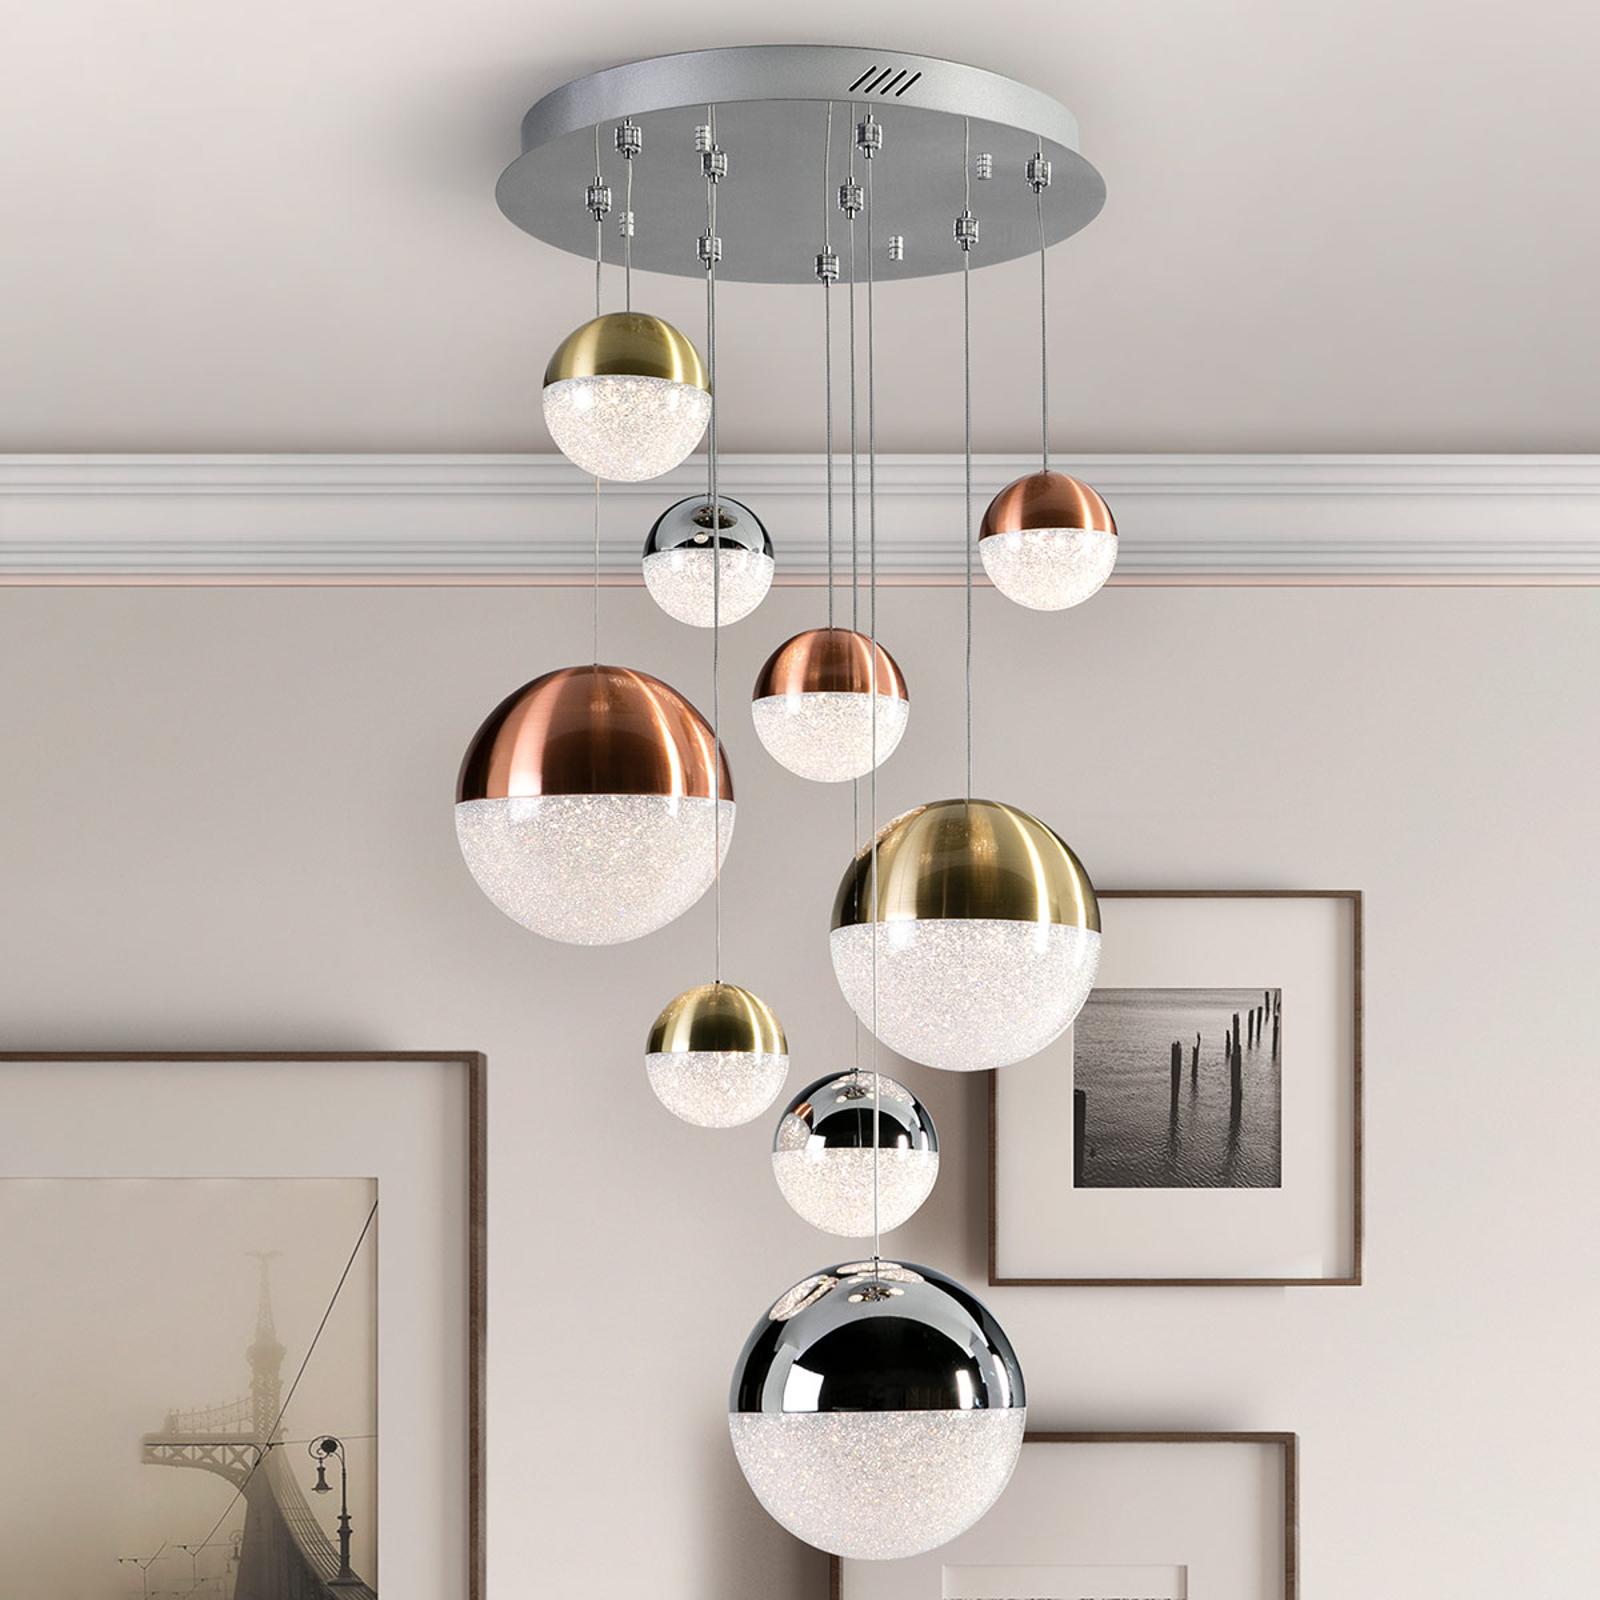 Sphere LED-hengelampe, flerfarget, 9 lyskilder app